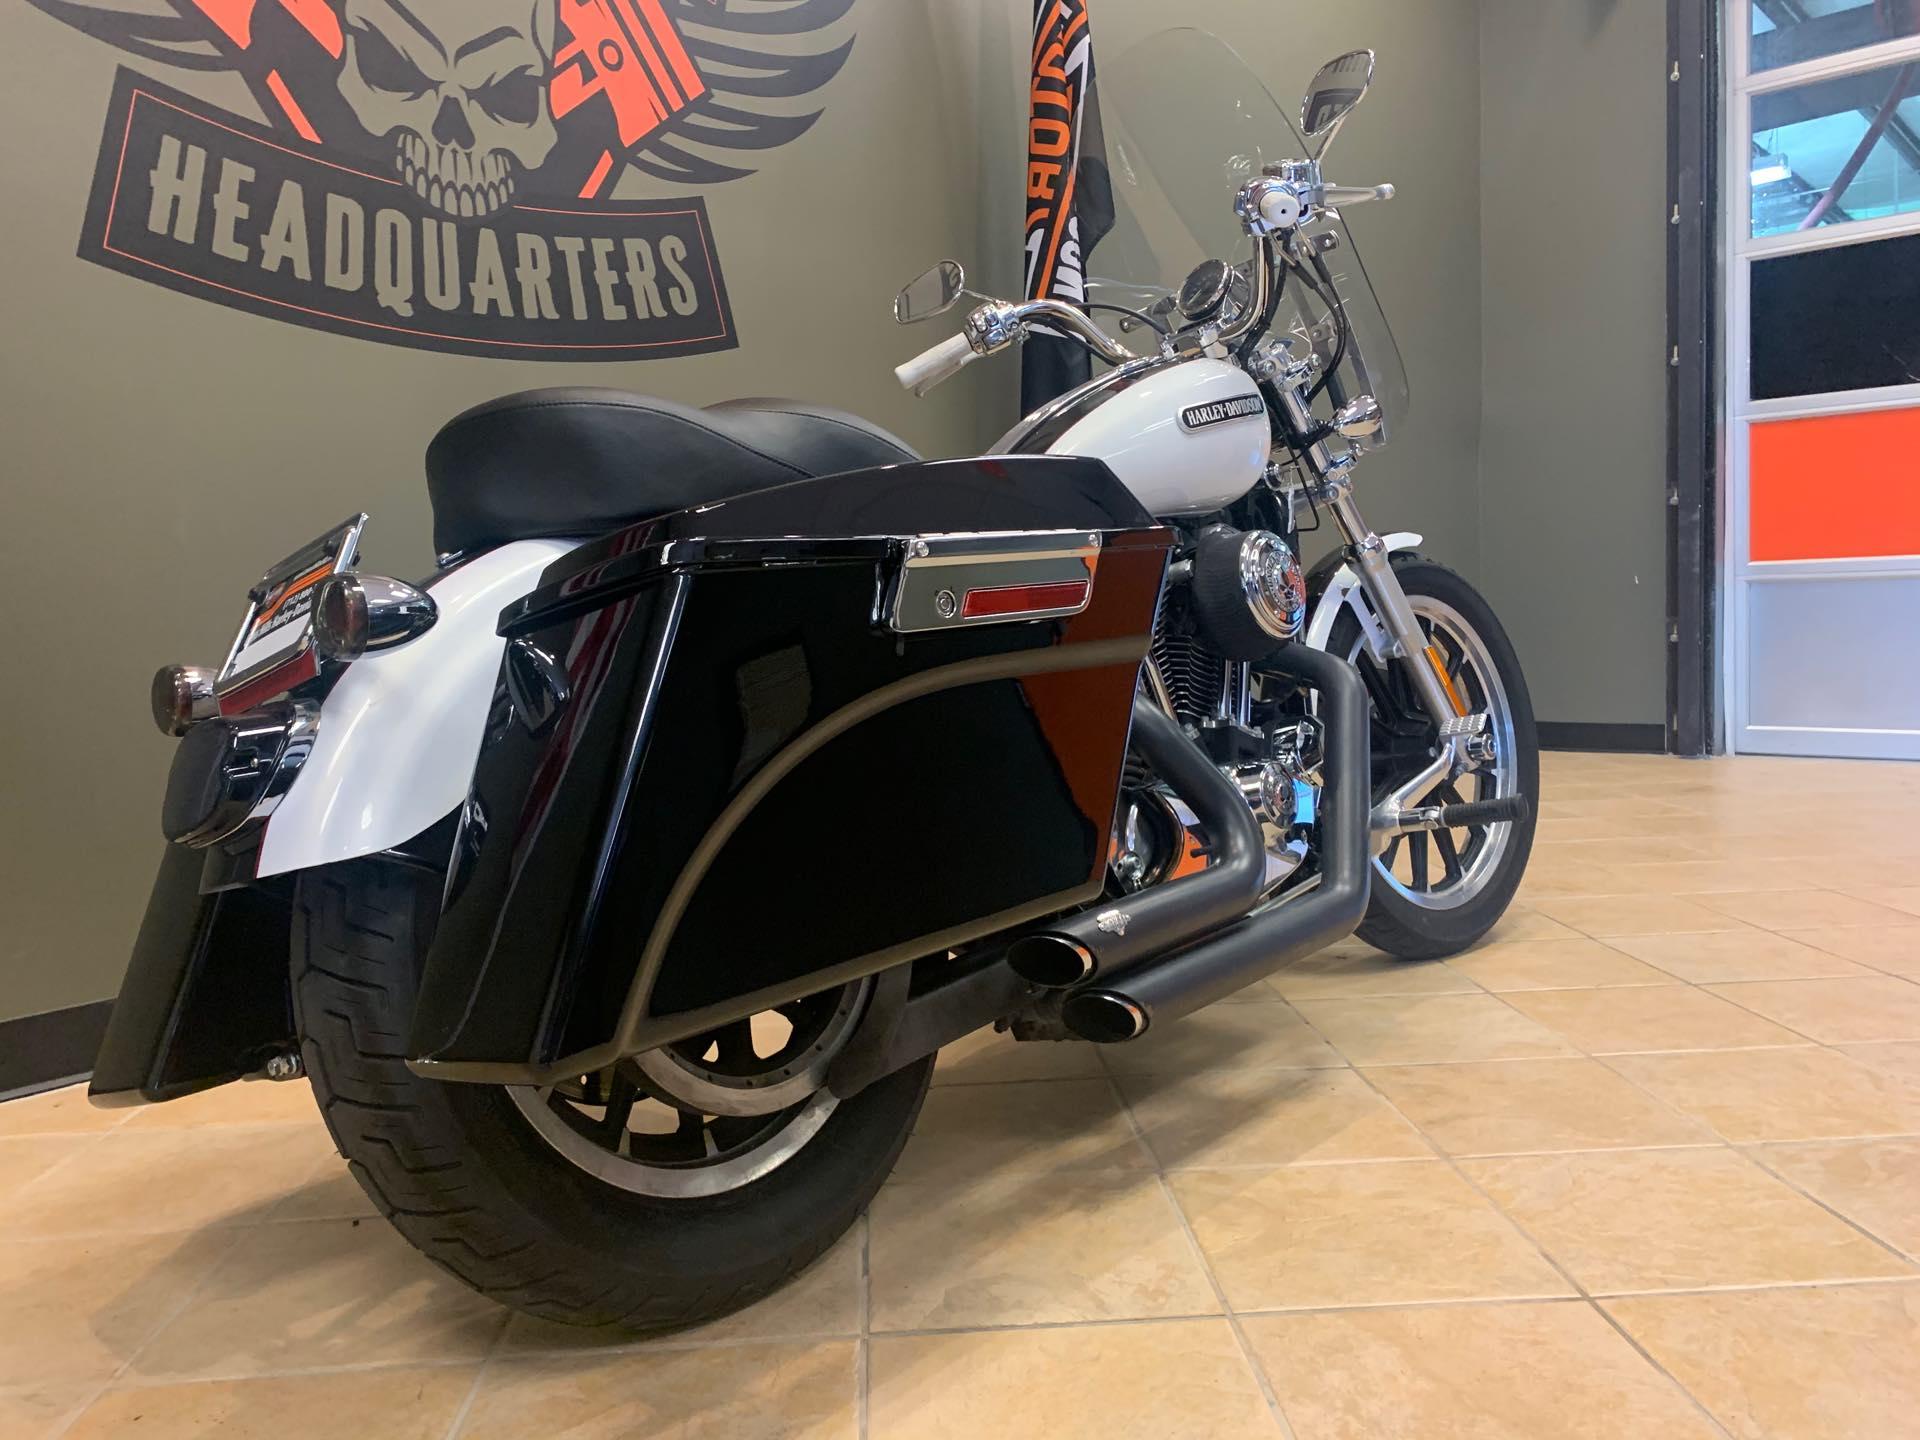 2007 Harley-Davidson Sportster 1200 Low at Loess Hills Harley-Davidson